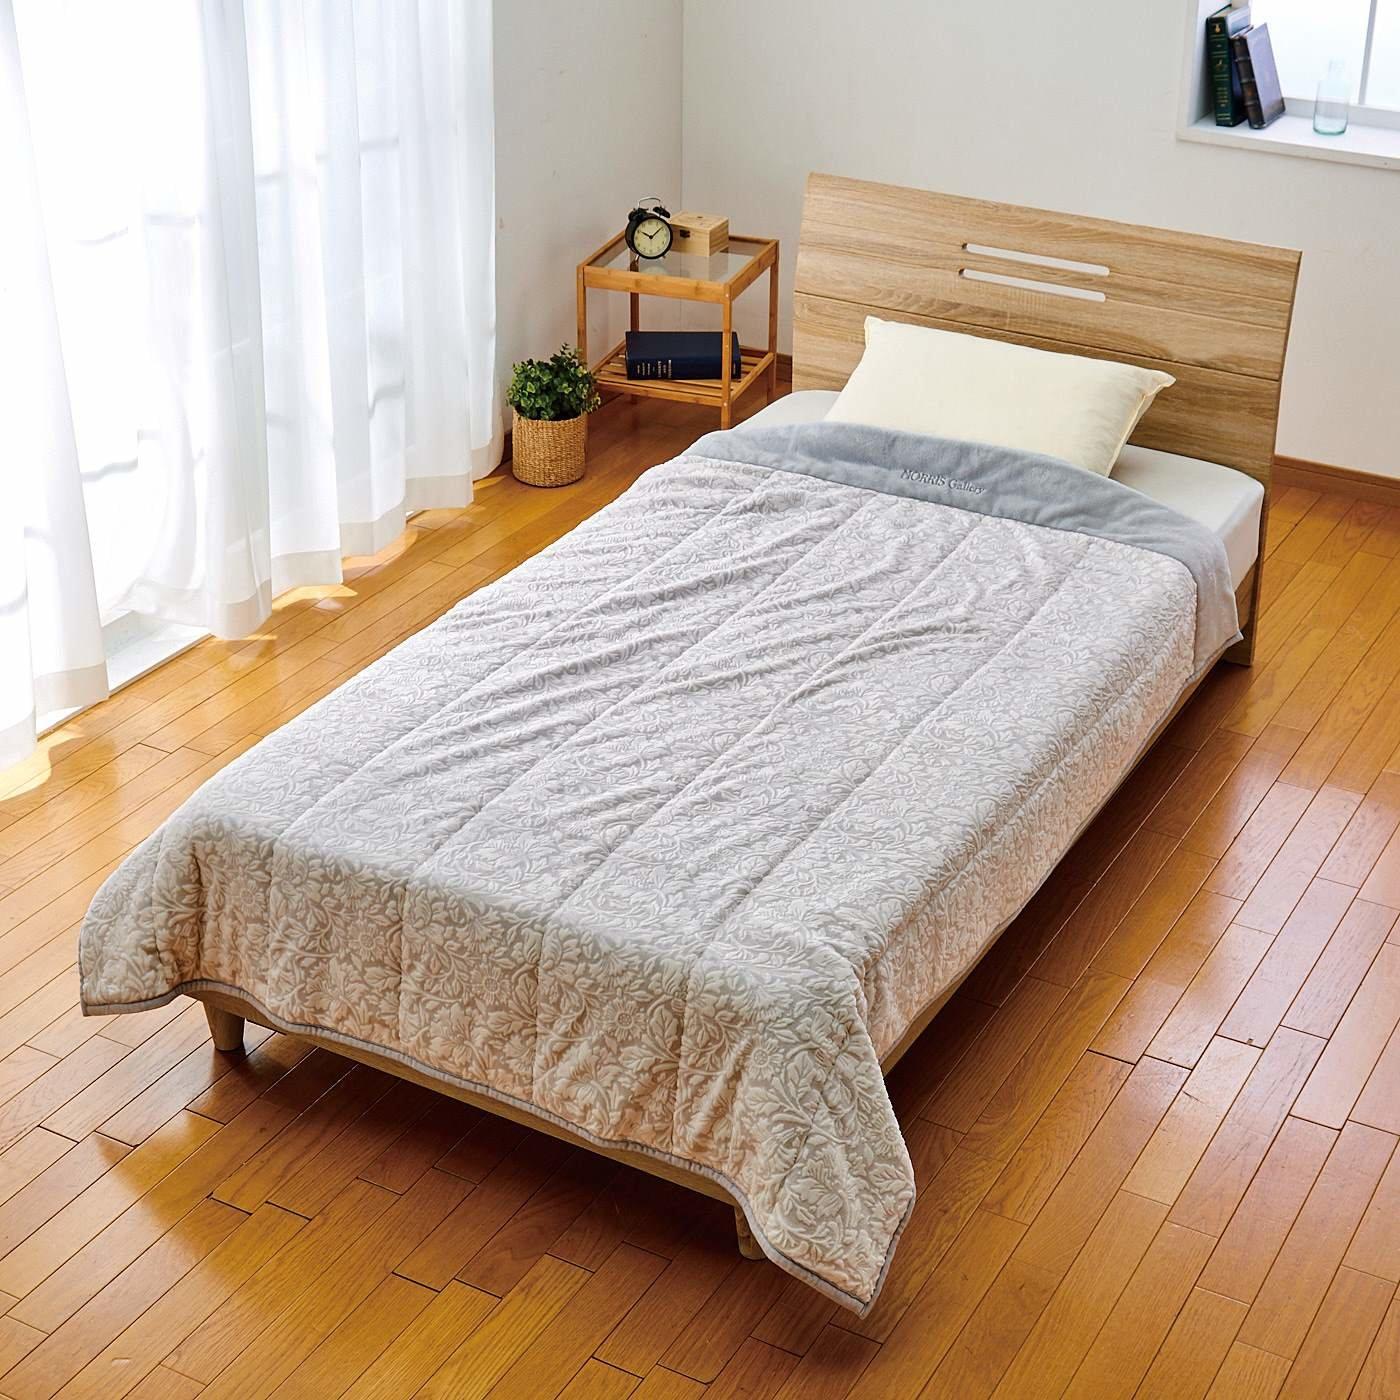 ピュアモリス カービングデザインが贅沢な眠りを 洗える合繊肌掛けふとん ピュアポピー柄〈シングル〉